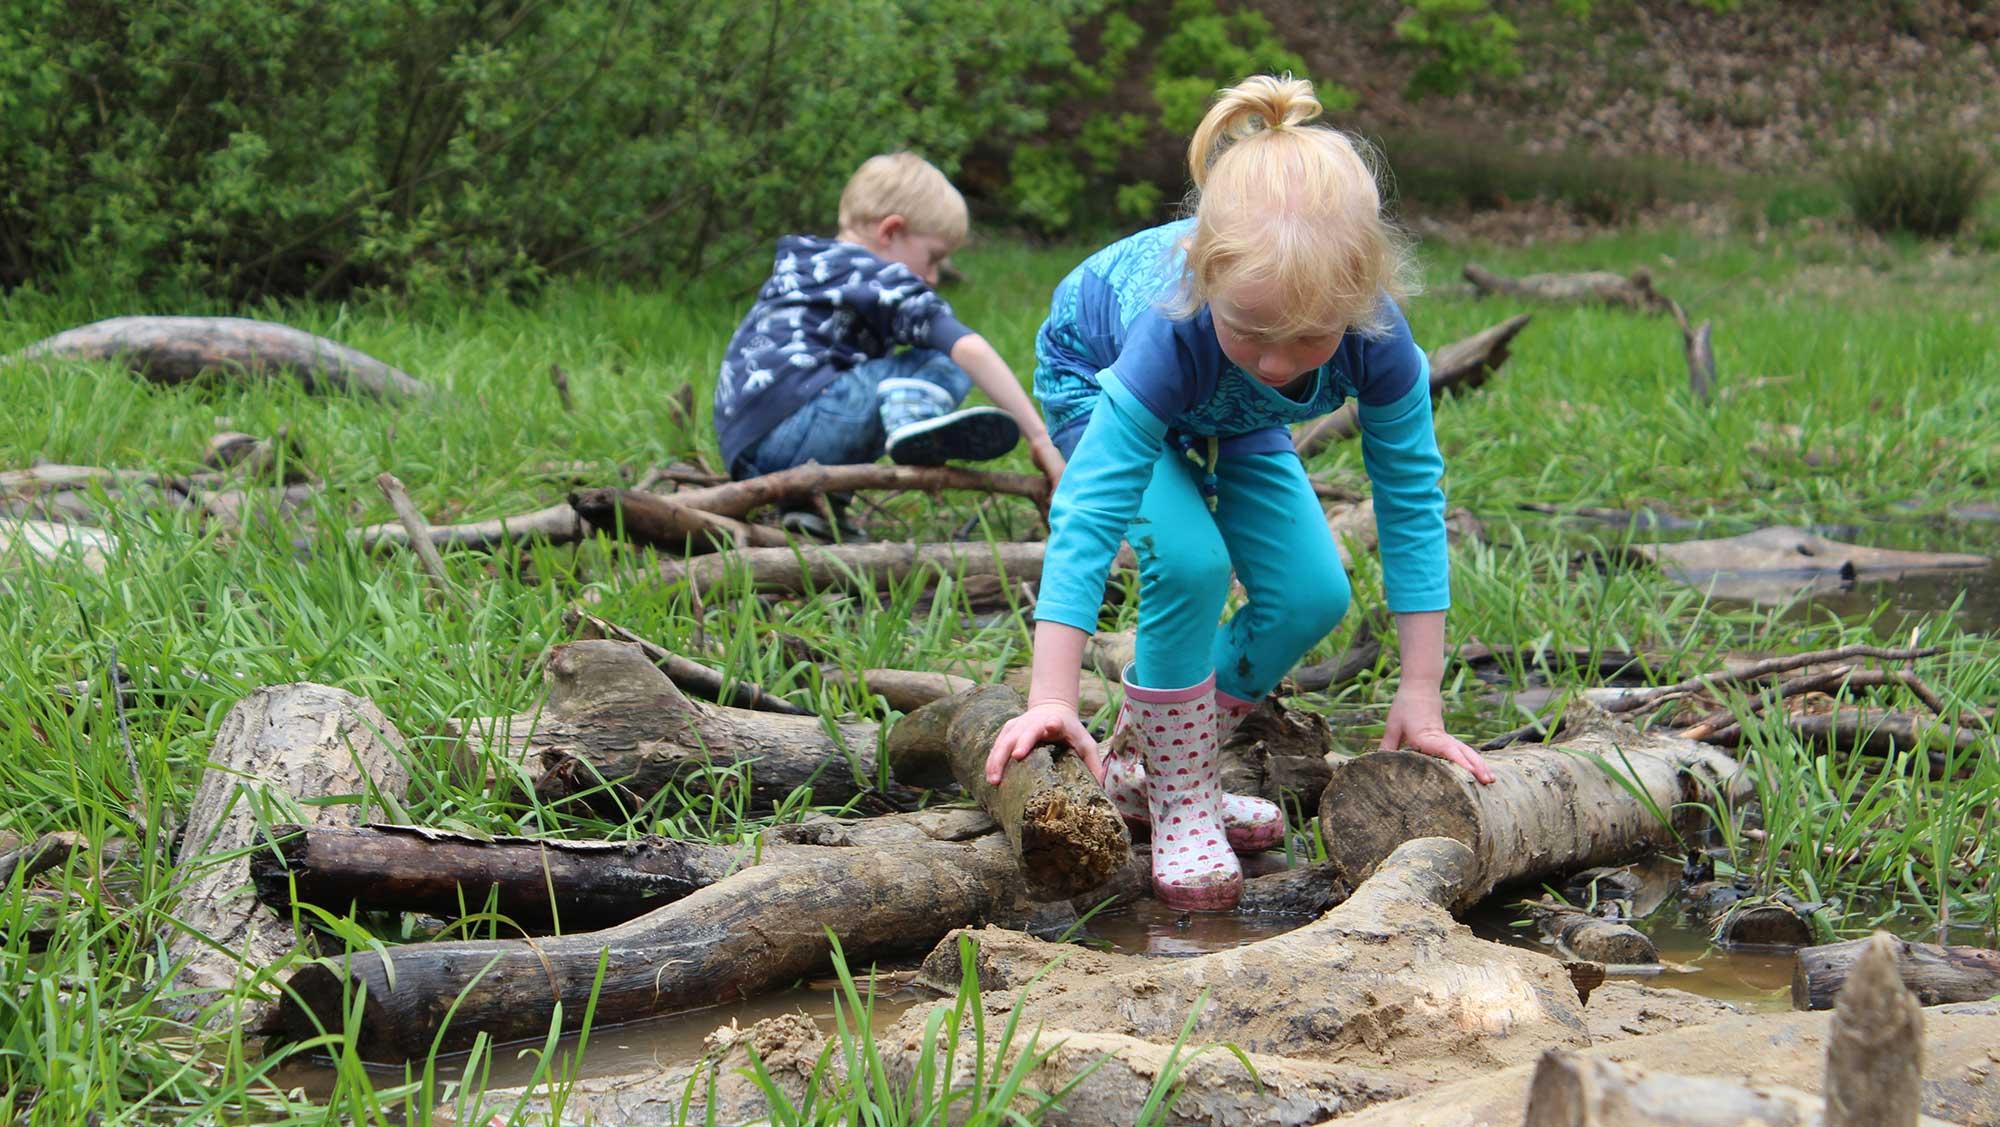 Omgeving Molecaten parken Hattem Heerde 24a avontuur in het bos